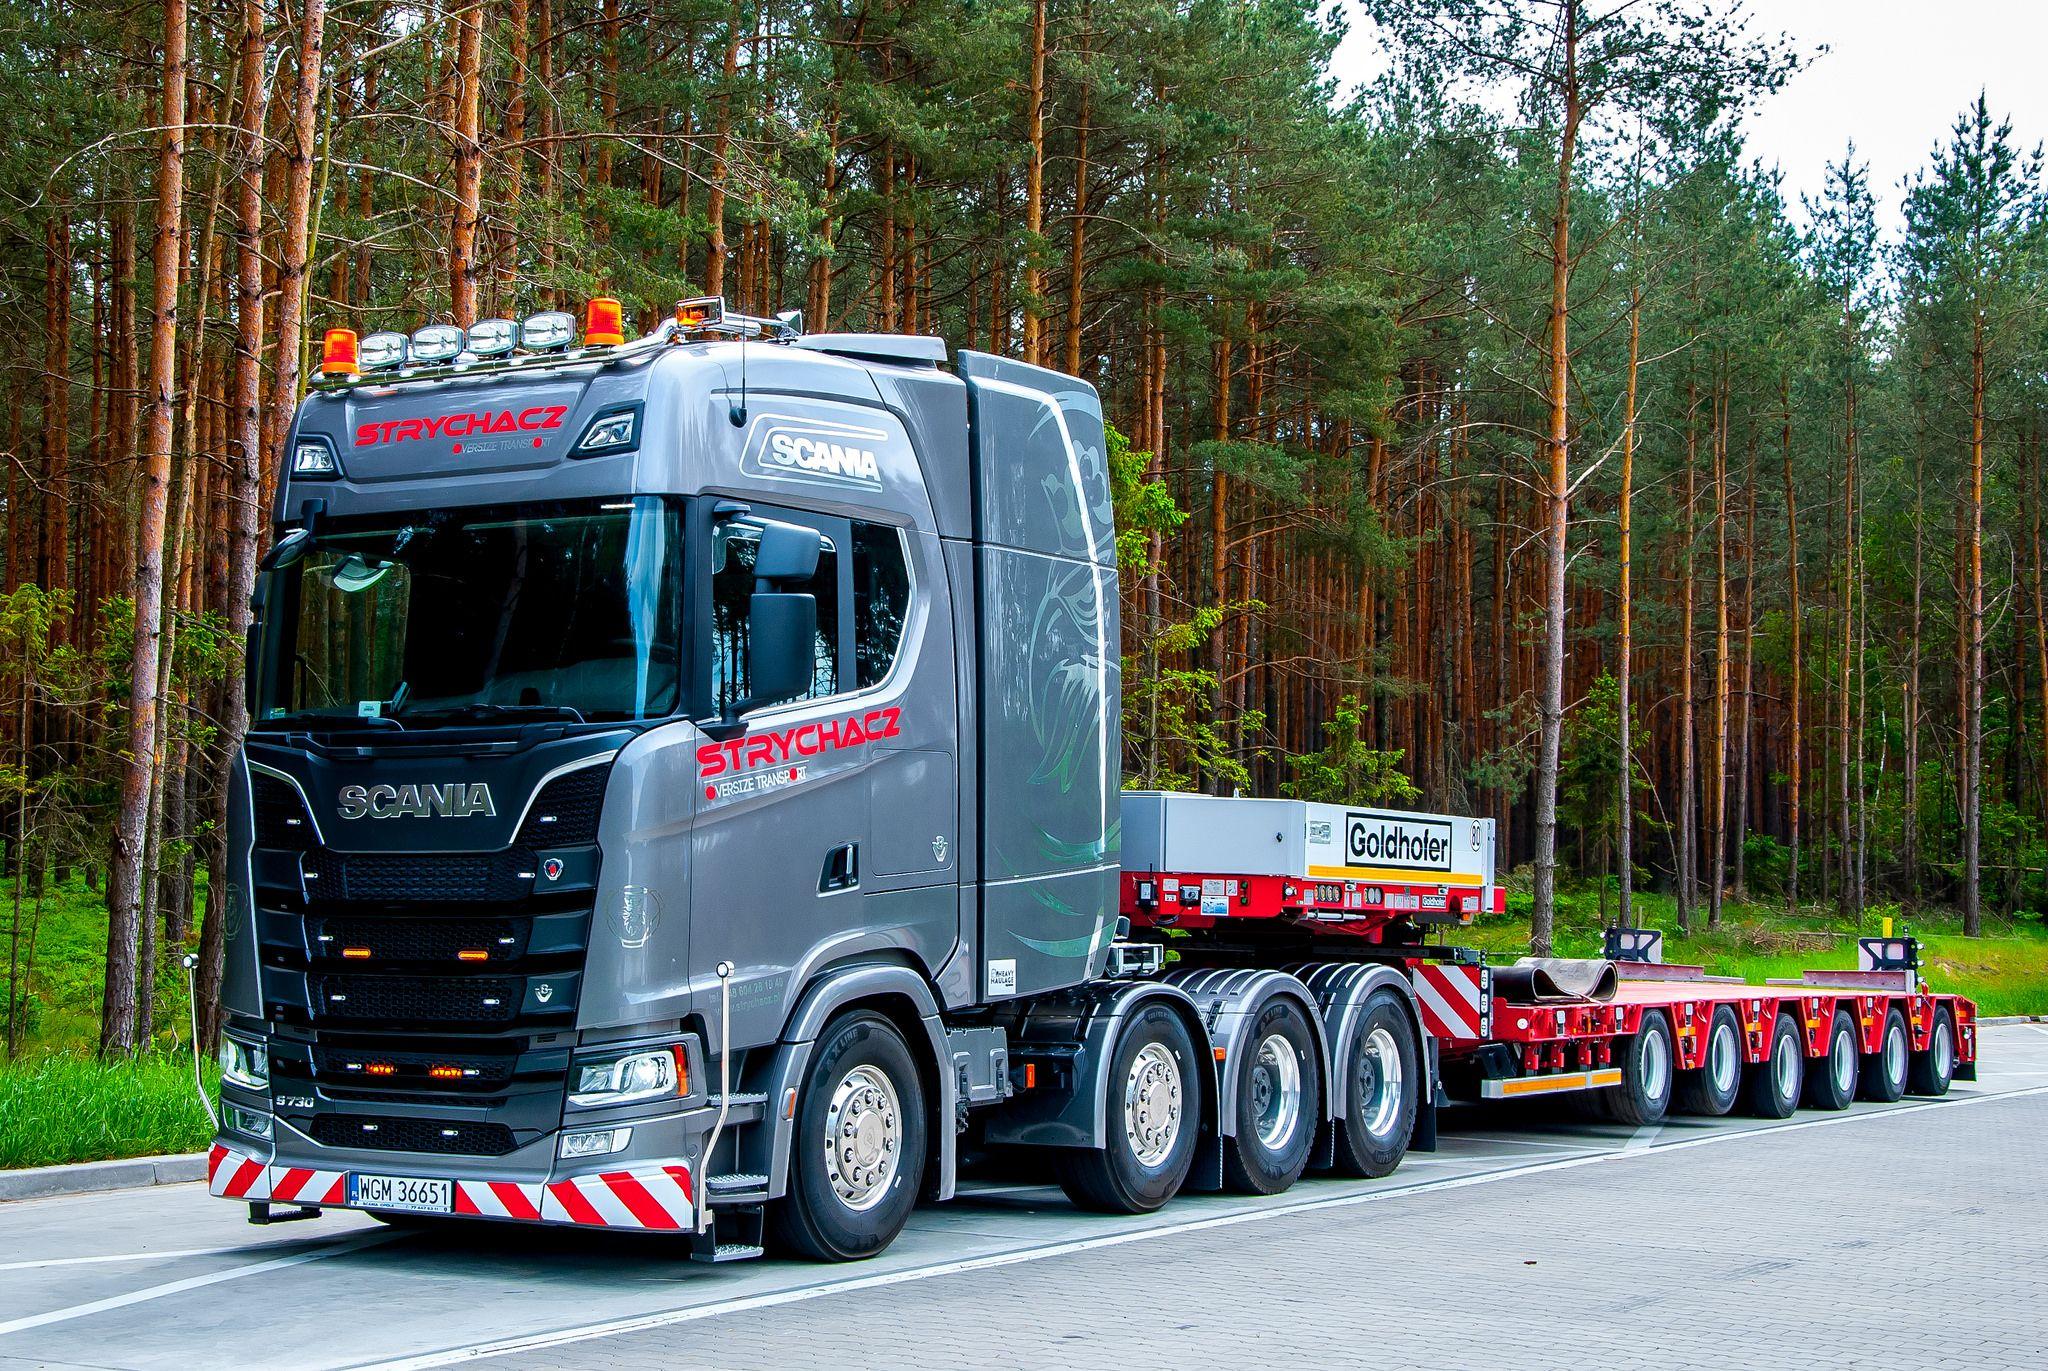 World's first Nextgen Scania S730 8x4 - Strychacz | SCANIA